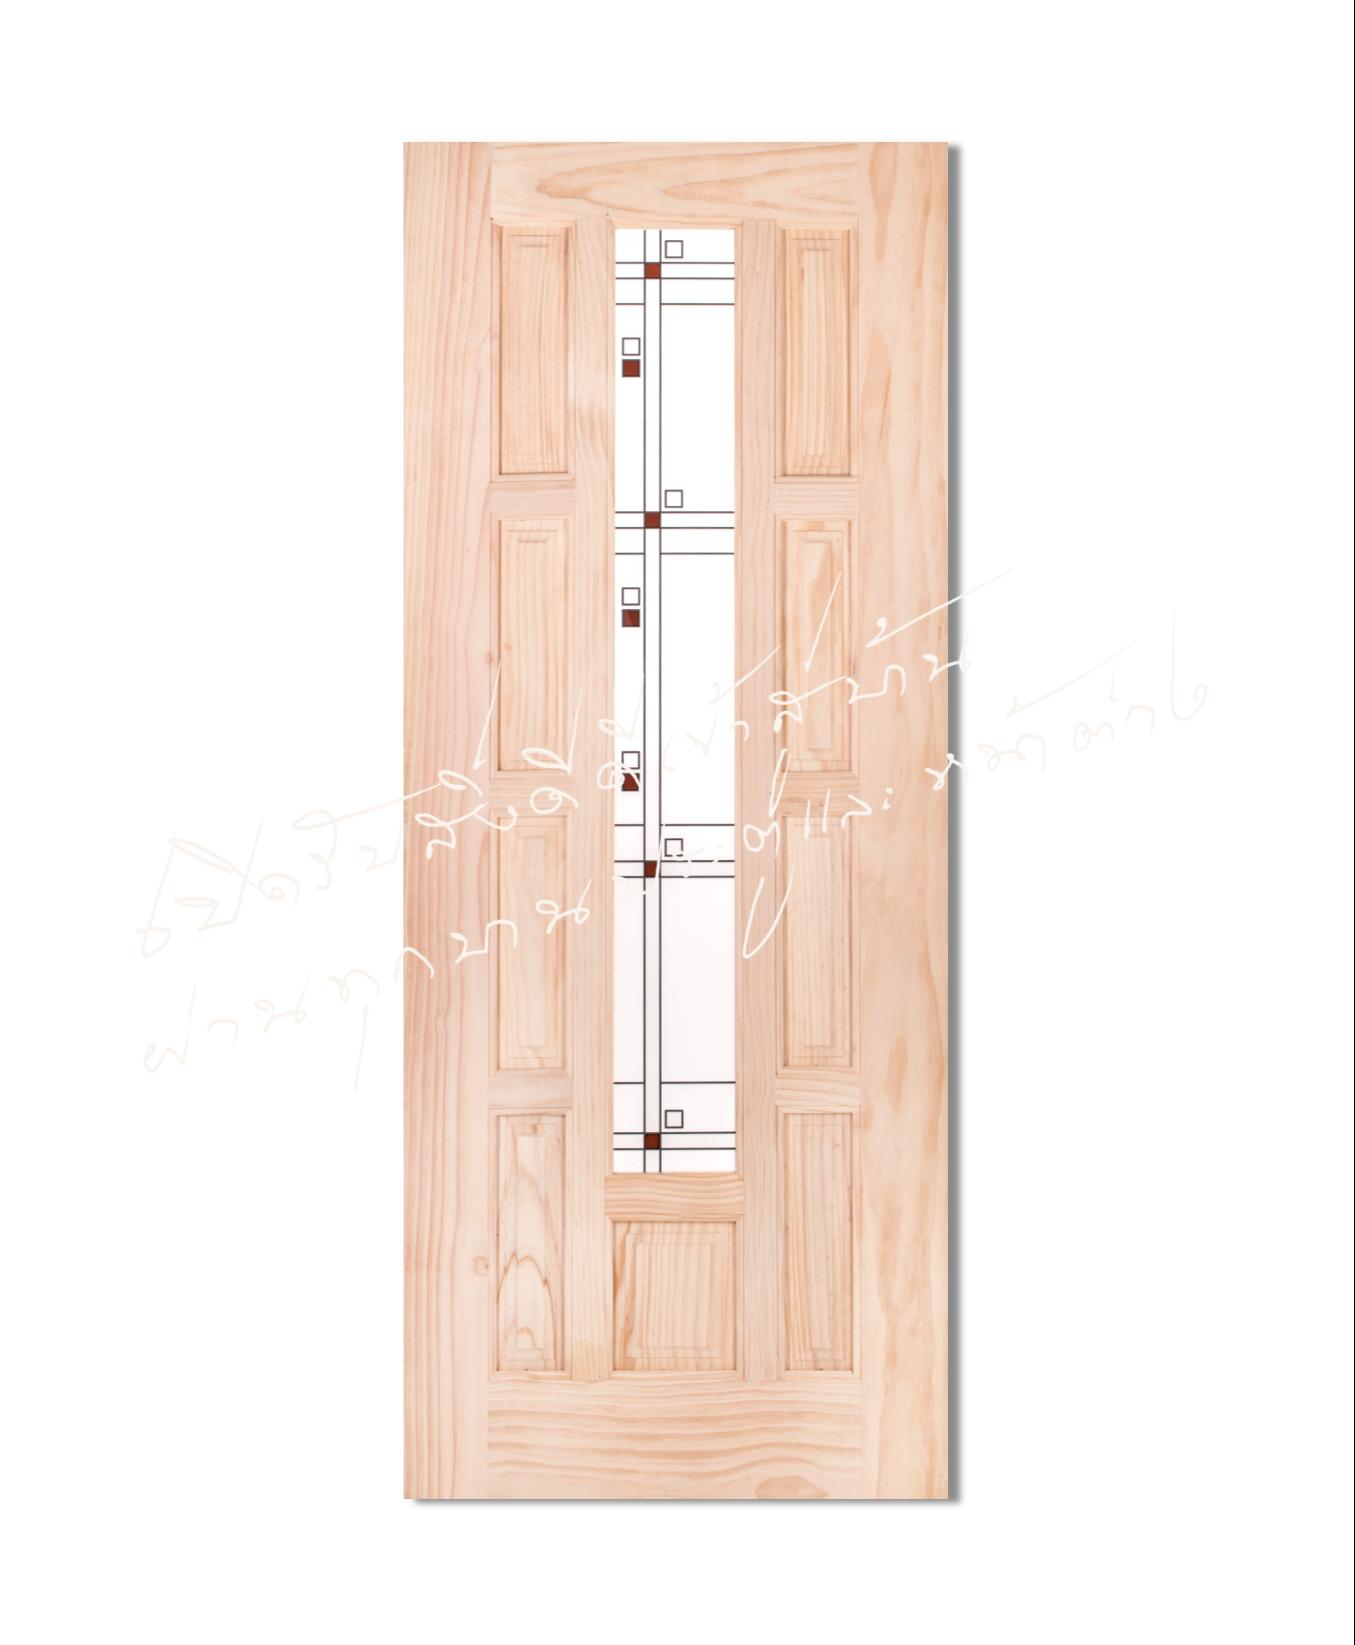 S.price01 ประตูไม้จริง ไม้สนนิวซีแลนด์